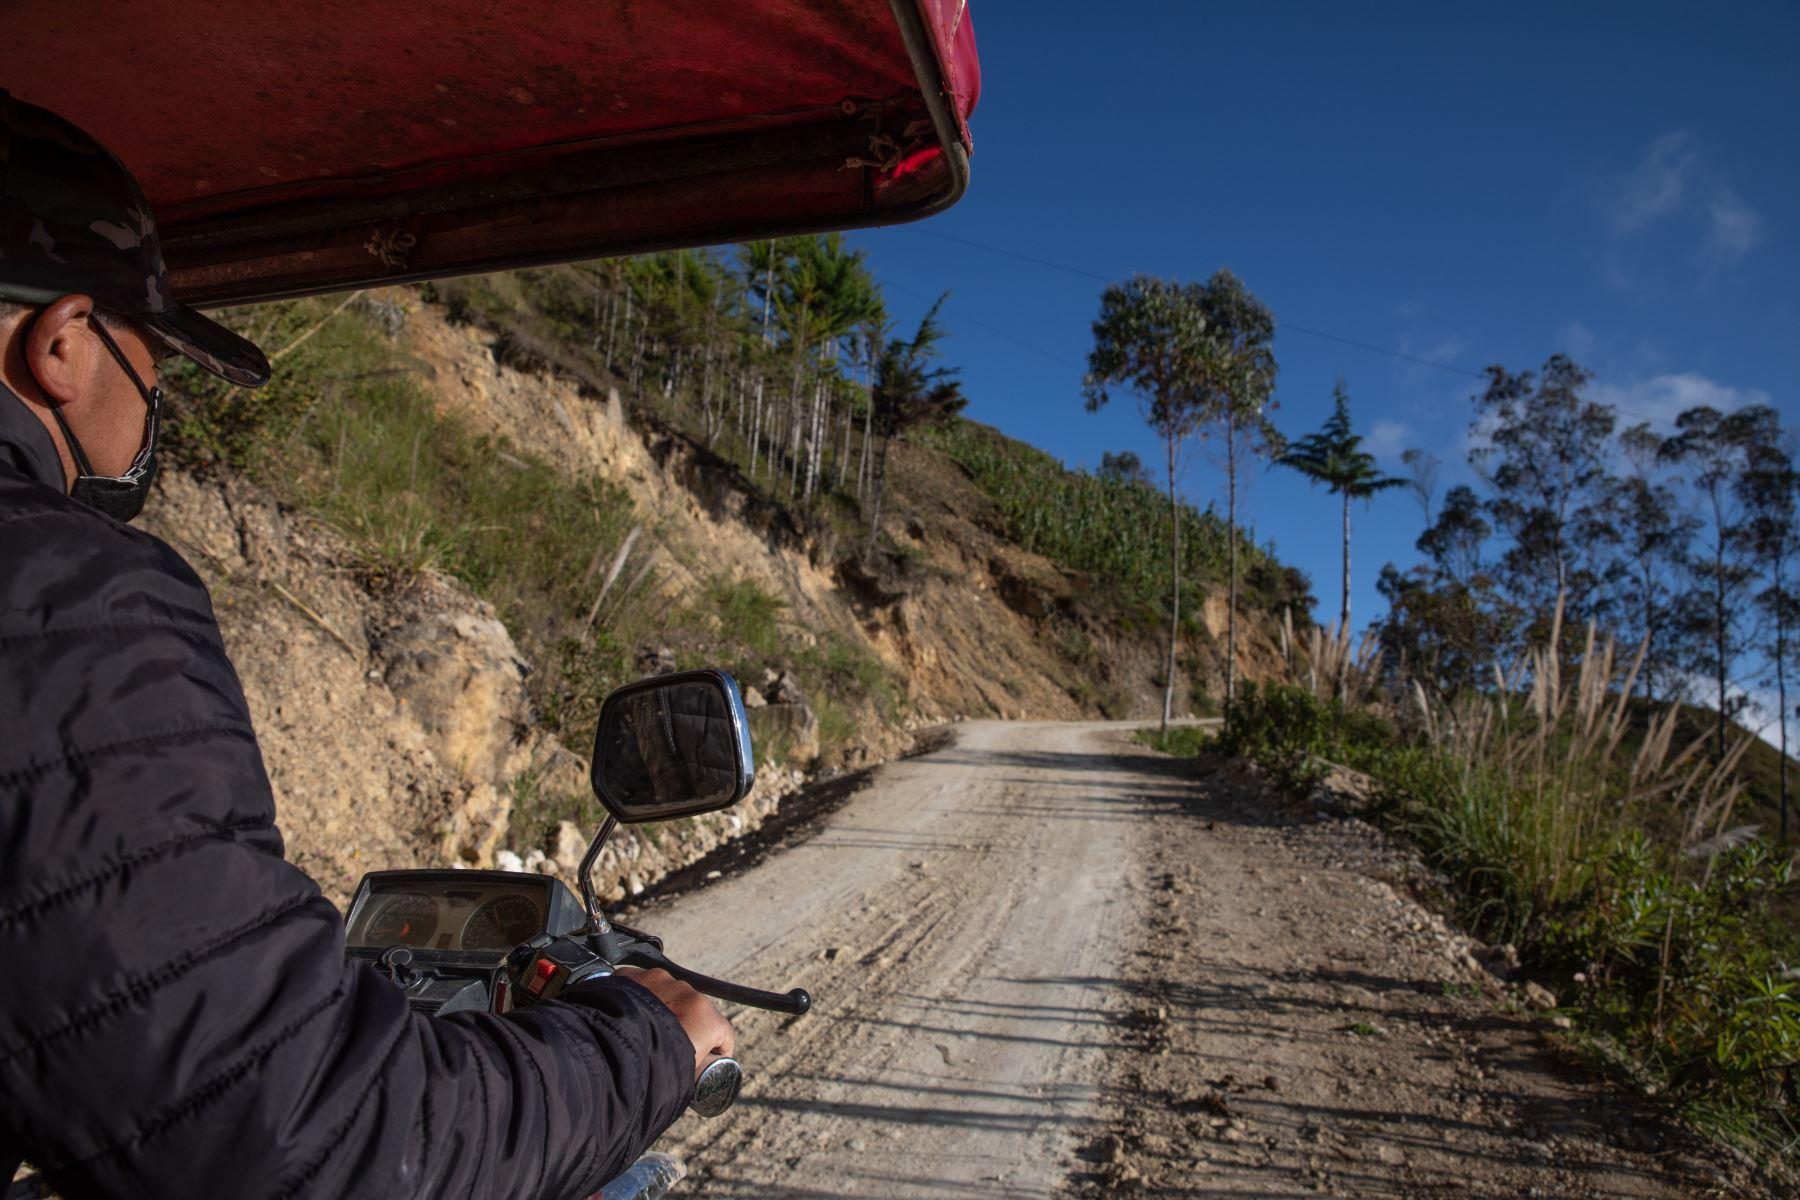 Recorrido por la localidad de Puña, distrito de Tacabamba, en Cajamarca. Foto: ANDINA/Andrés Valle